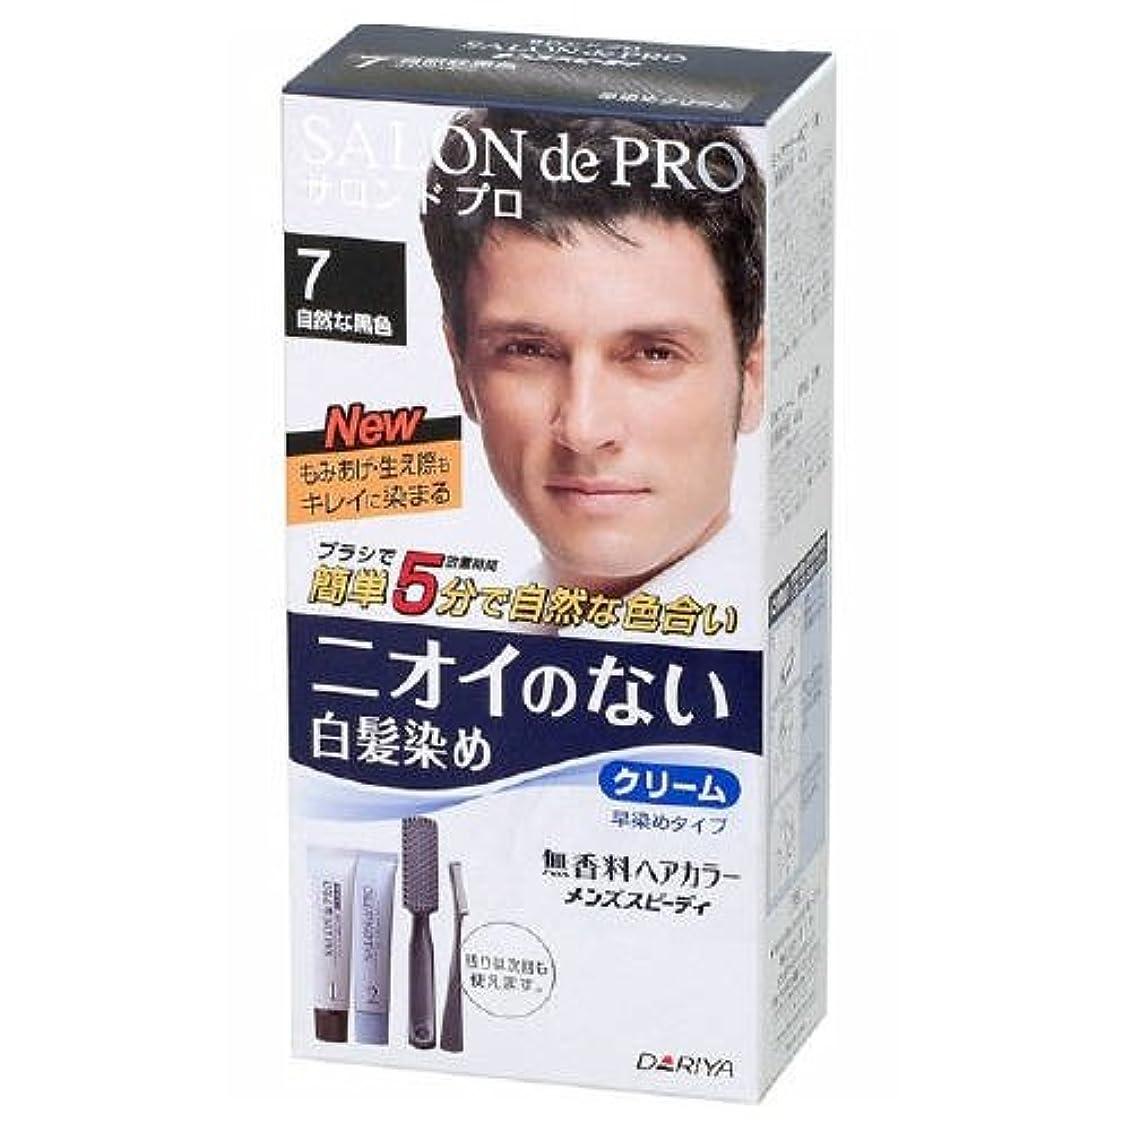 チューリップ日光突撃サロンドプロ 無香料ヘアカラー メンズスピーディ(自然な黒色)